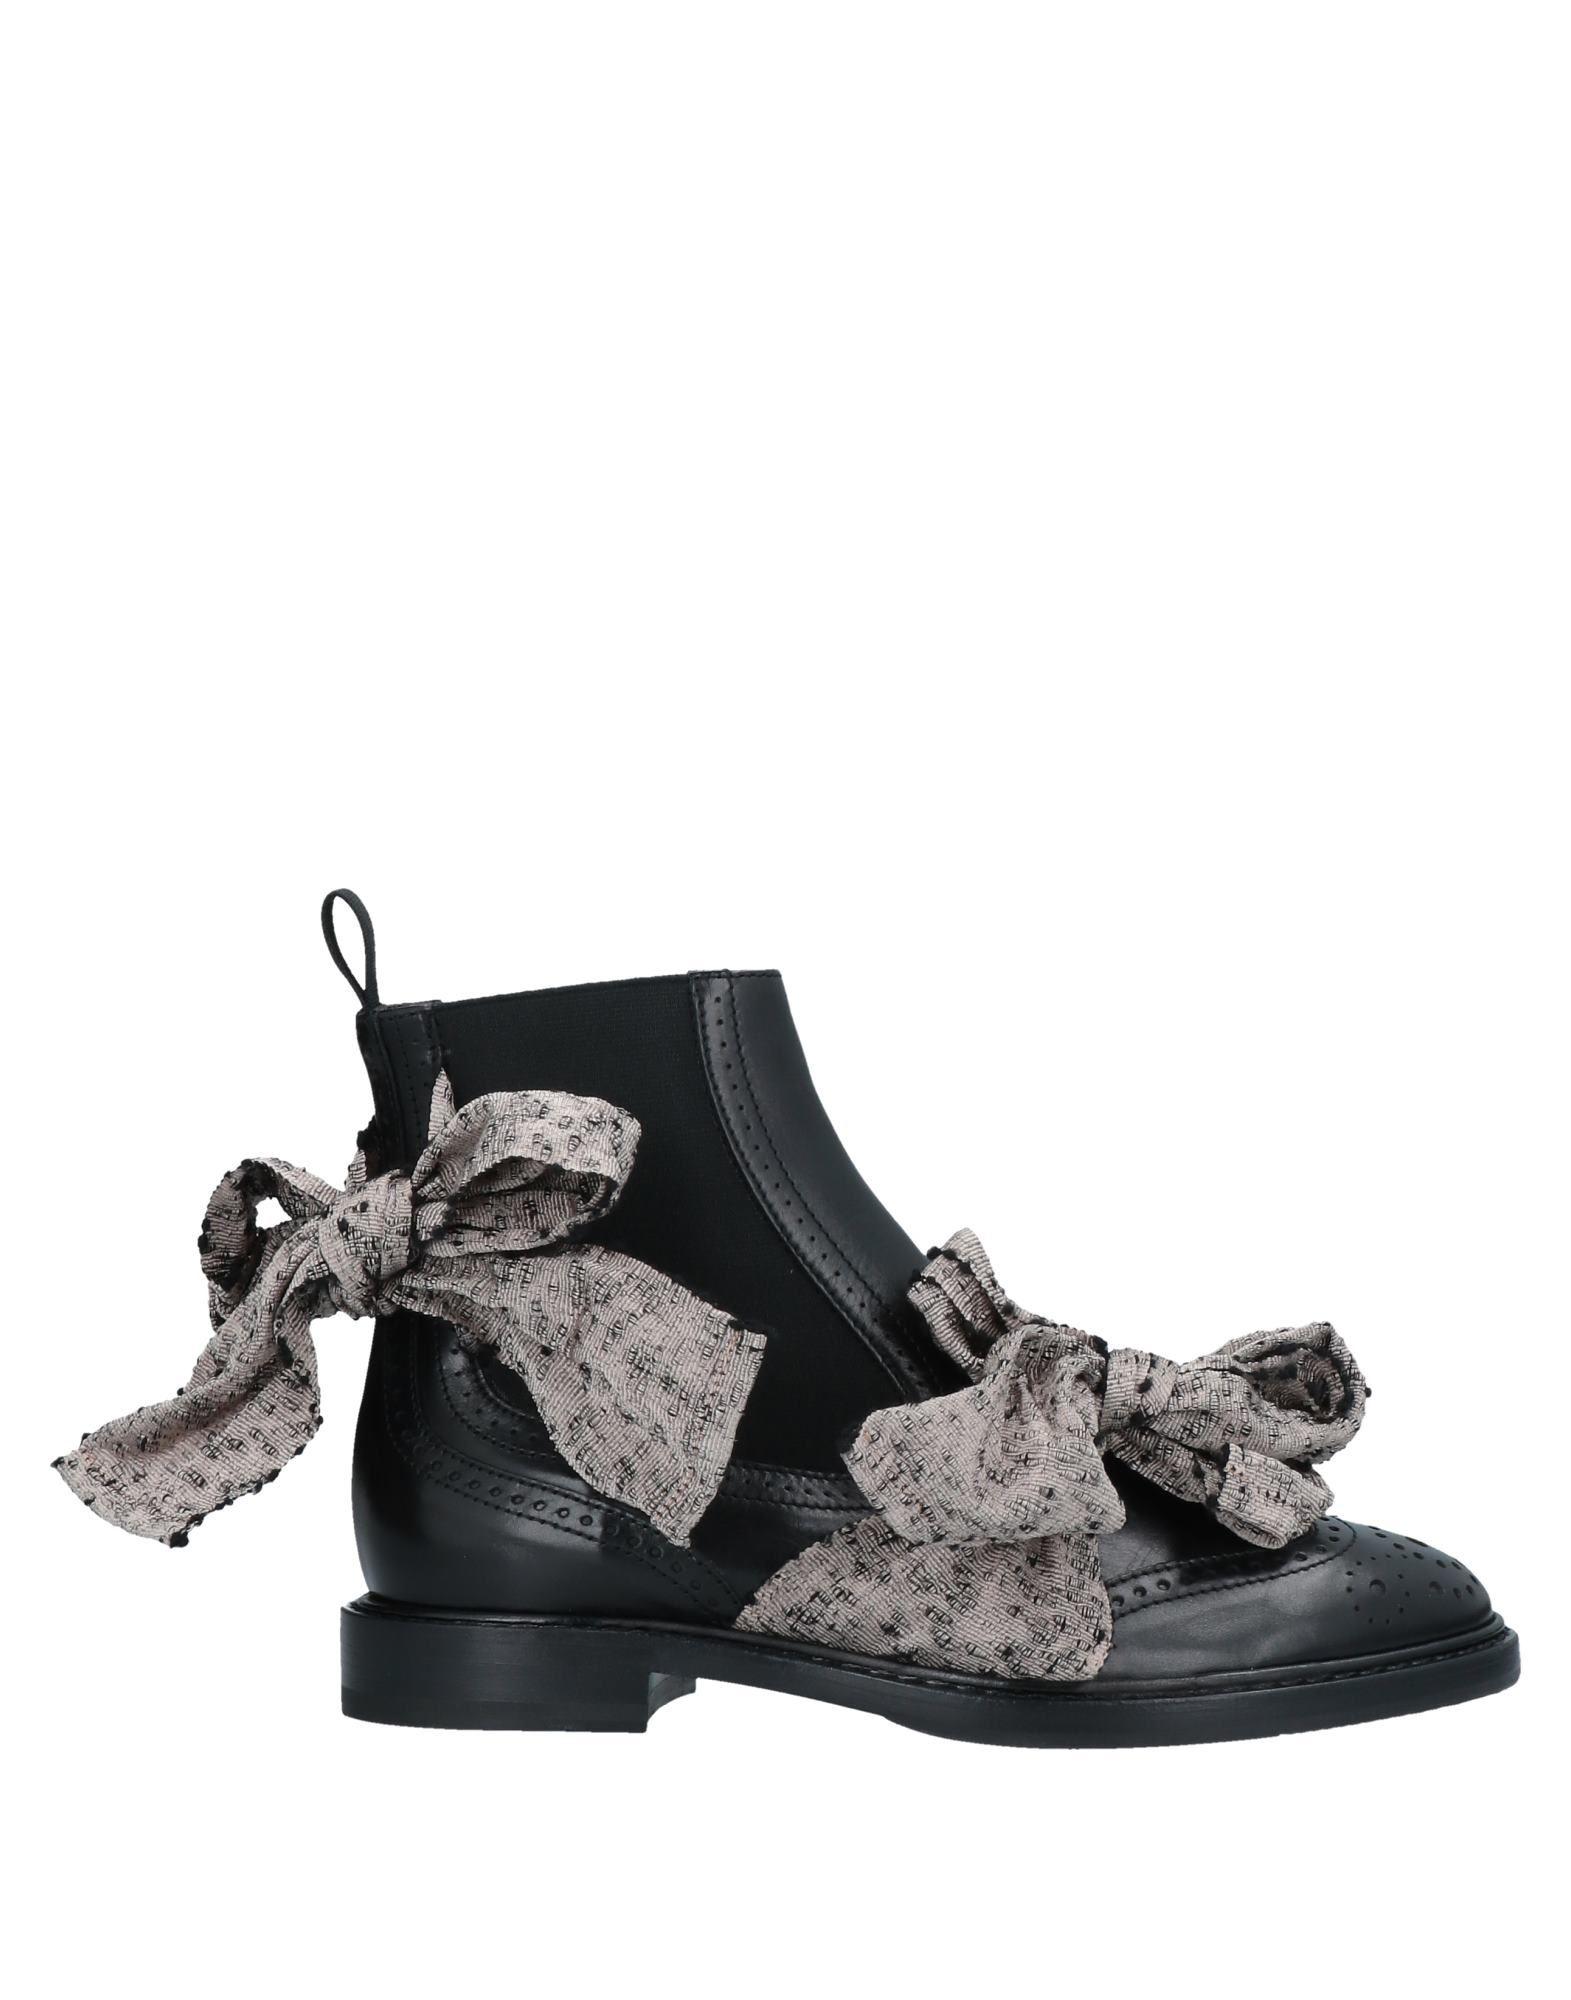 Фото - AGL ATTILIO GIUSTI LEOMBRUNI Полусапоги и высокие ботинки agl attilio giusti leombruni высокие кеды и кроссовки